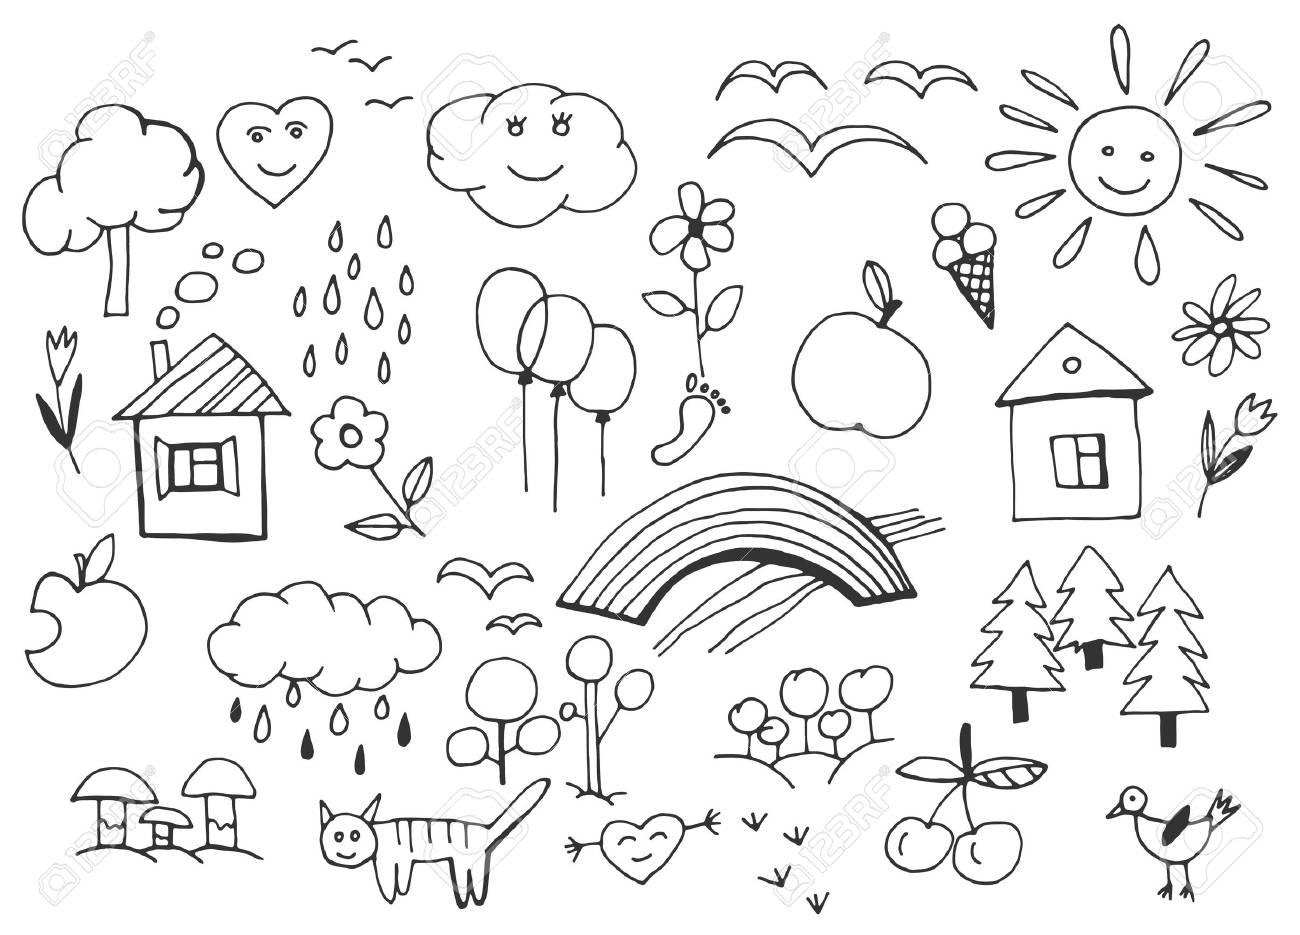 Belles Dessins D'enfants Modèle En Couleur Noire. Editable Illustration  Vectorielle Sur Un Fond Blanc. Jeu De Griffonnage Drôle D'objets Simples De  La encequiconcerne Modele Dessin Enfant